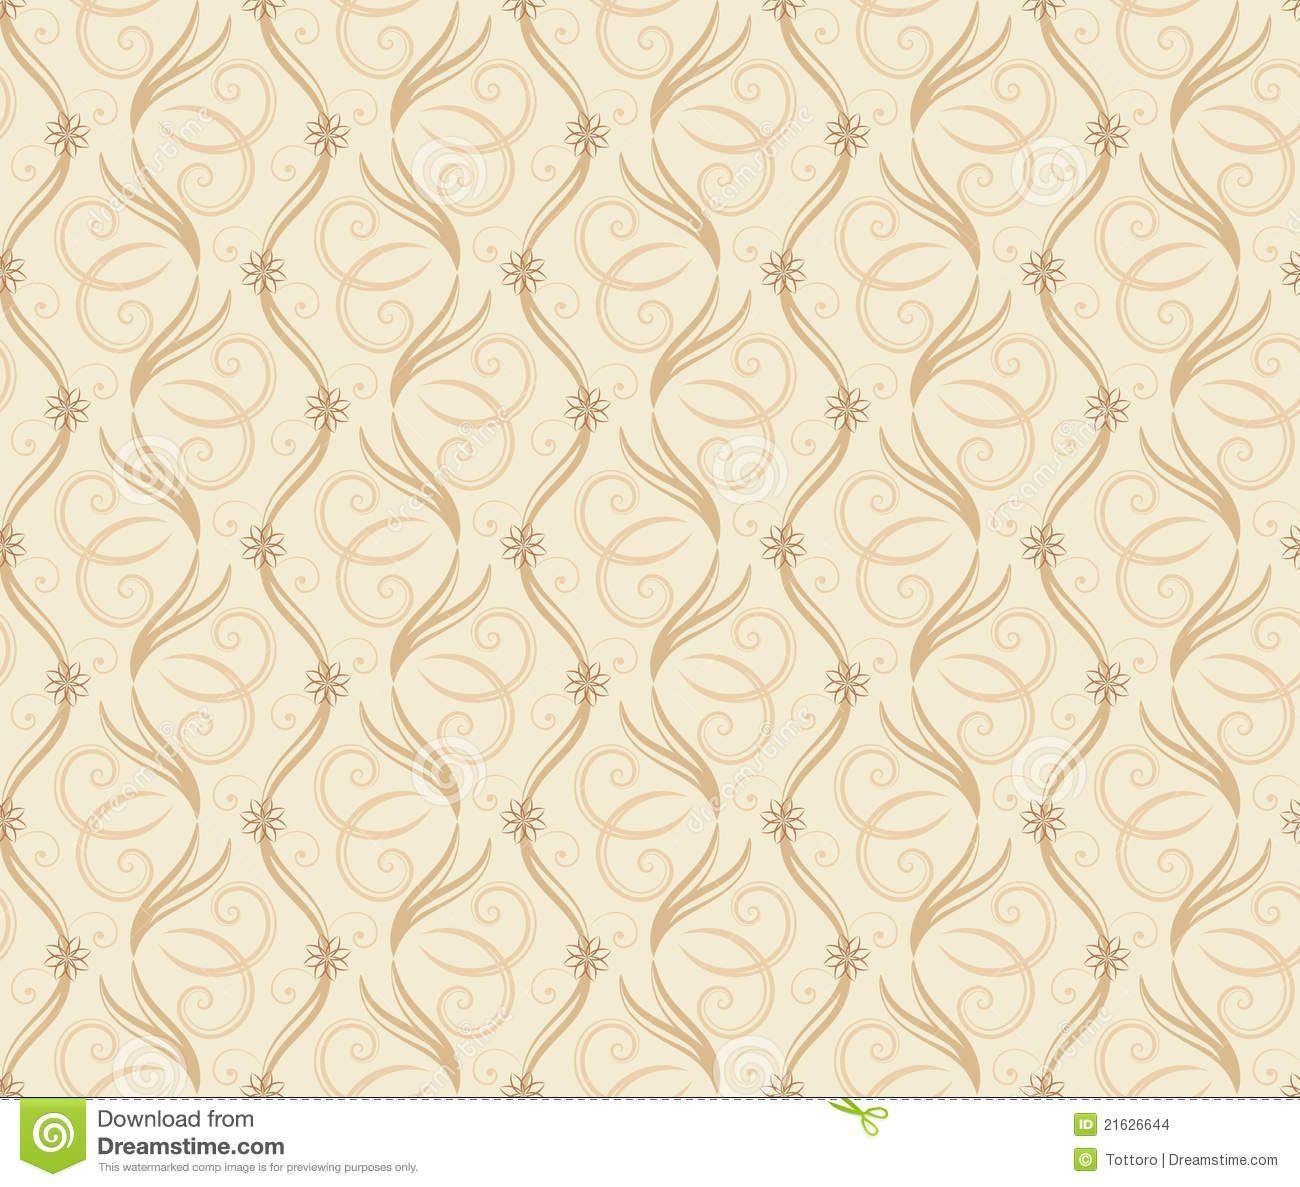 Modern Living Room Wallpaper Texture Seamless Wallpaper Texture Seamless Textured Wallpaper Bedroom Wallpaper Texture Bedroom wall wallpaper download